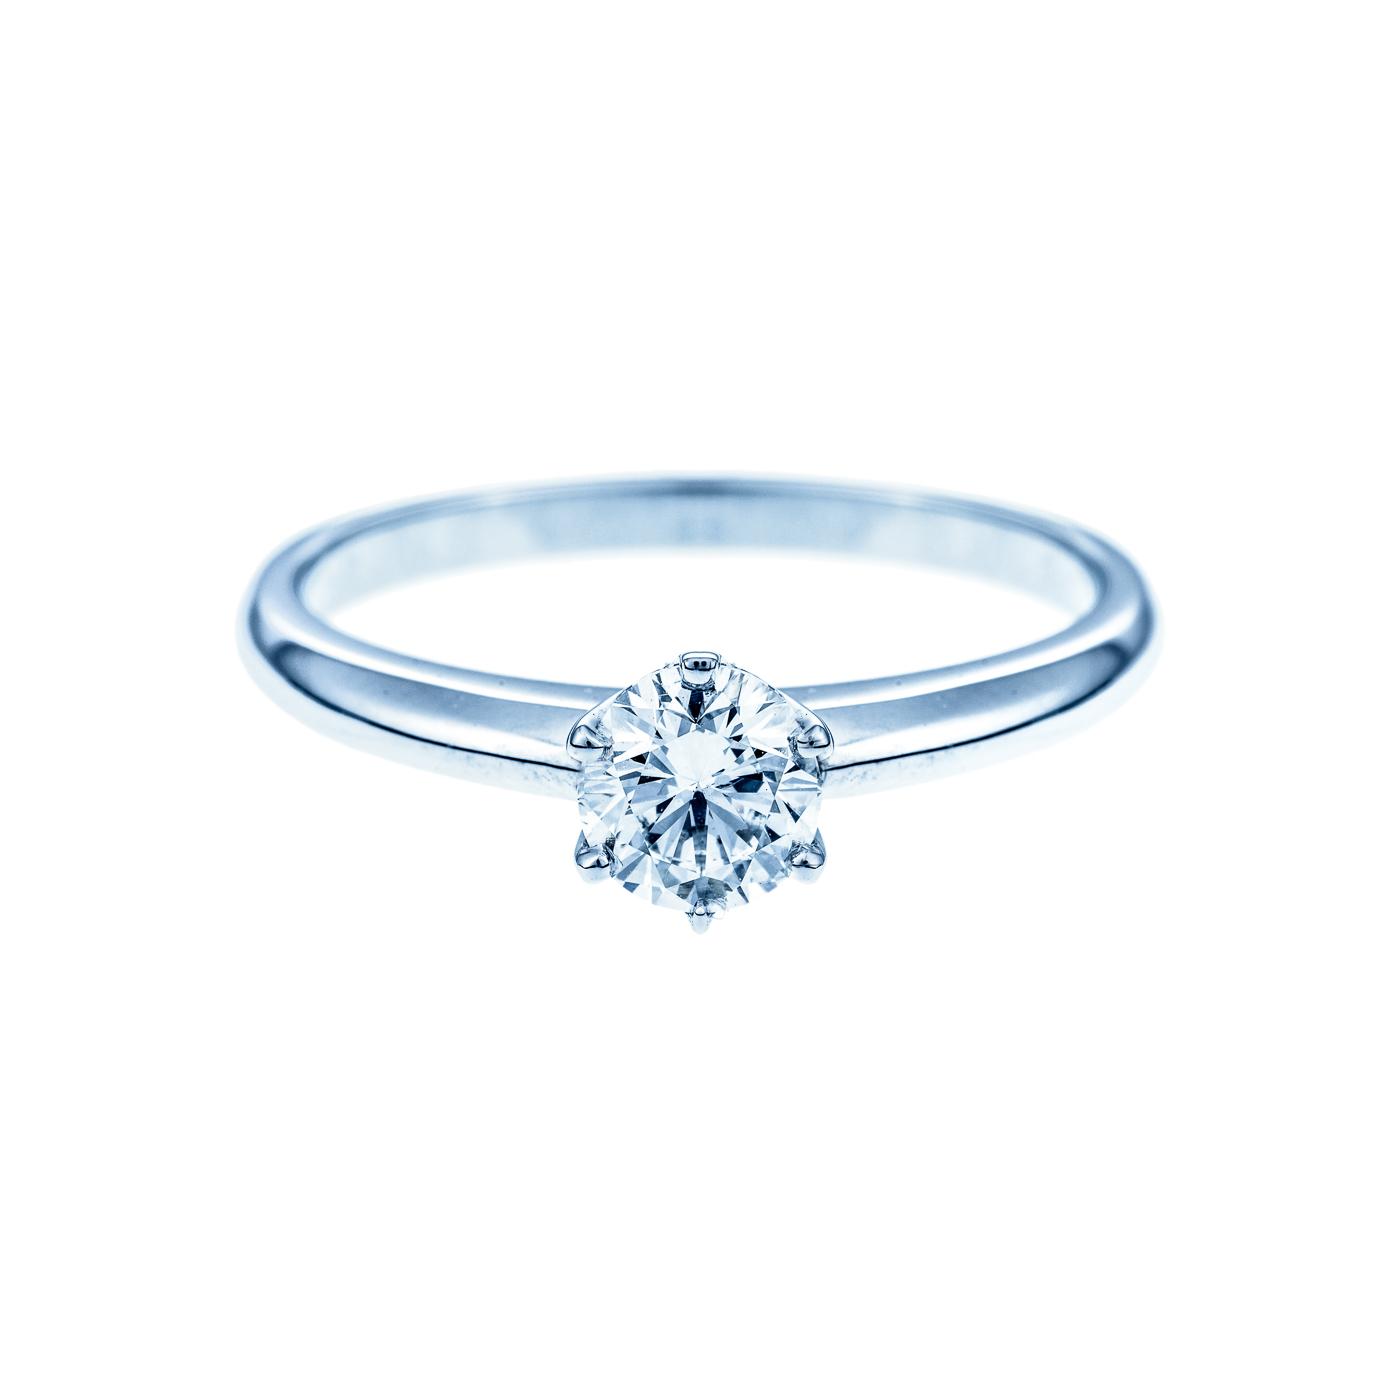 Verlobungsring Platin Juwelier Ellert Wien 6ce22 1 002 Juweliere